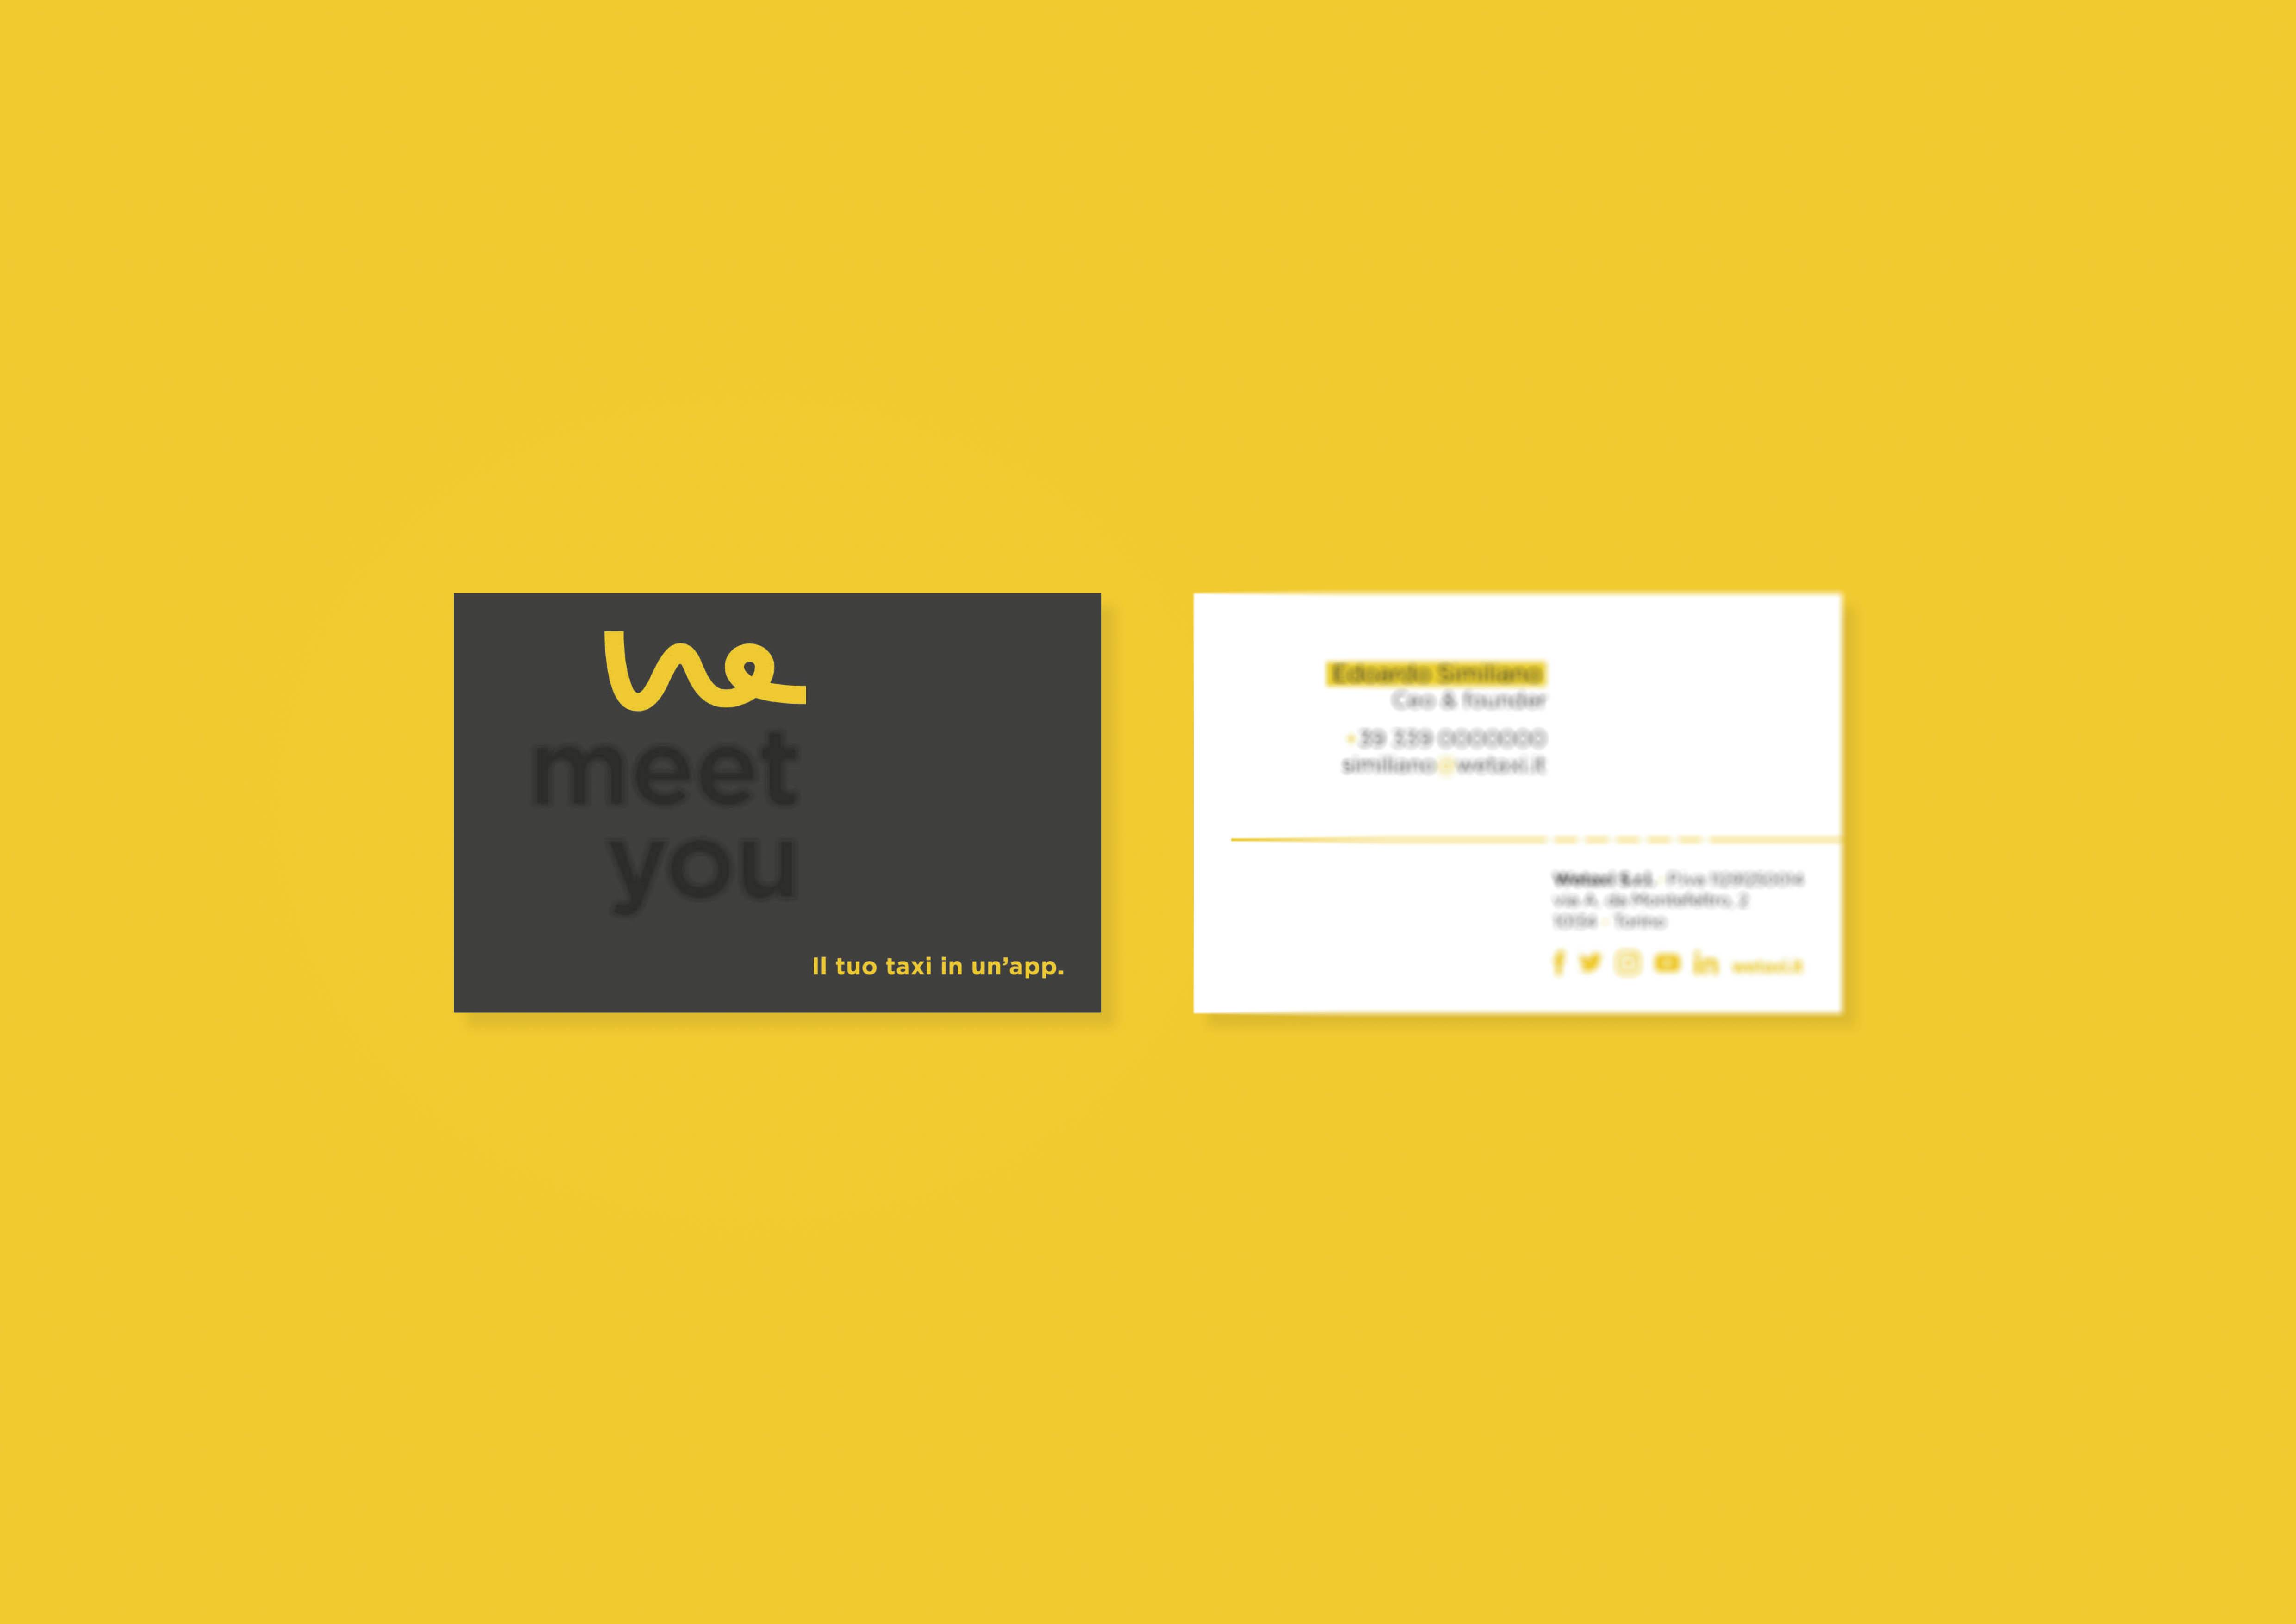 _presentazione_brand_identity-name-blur.